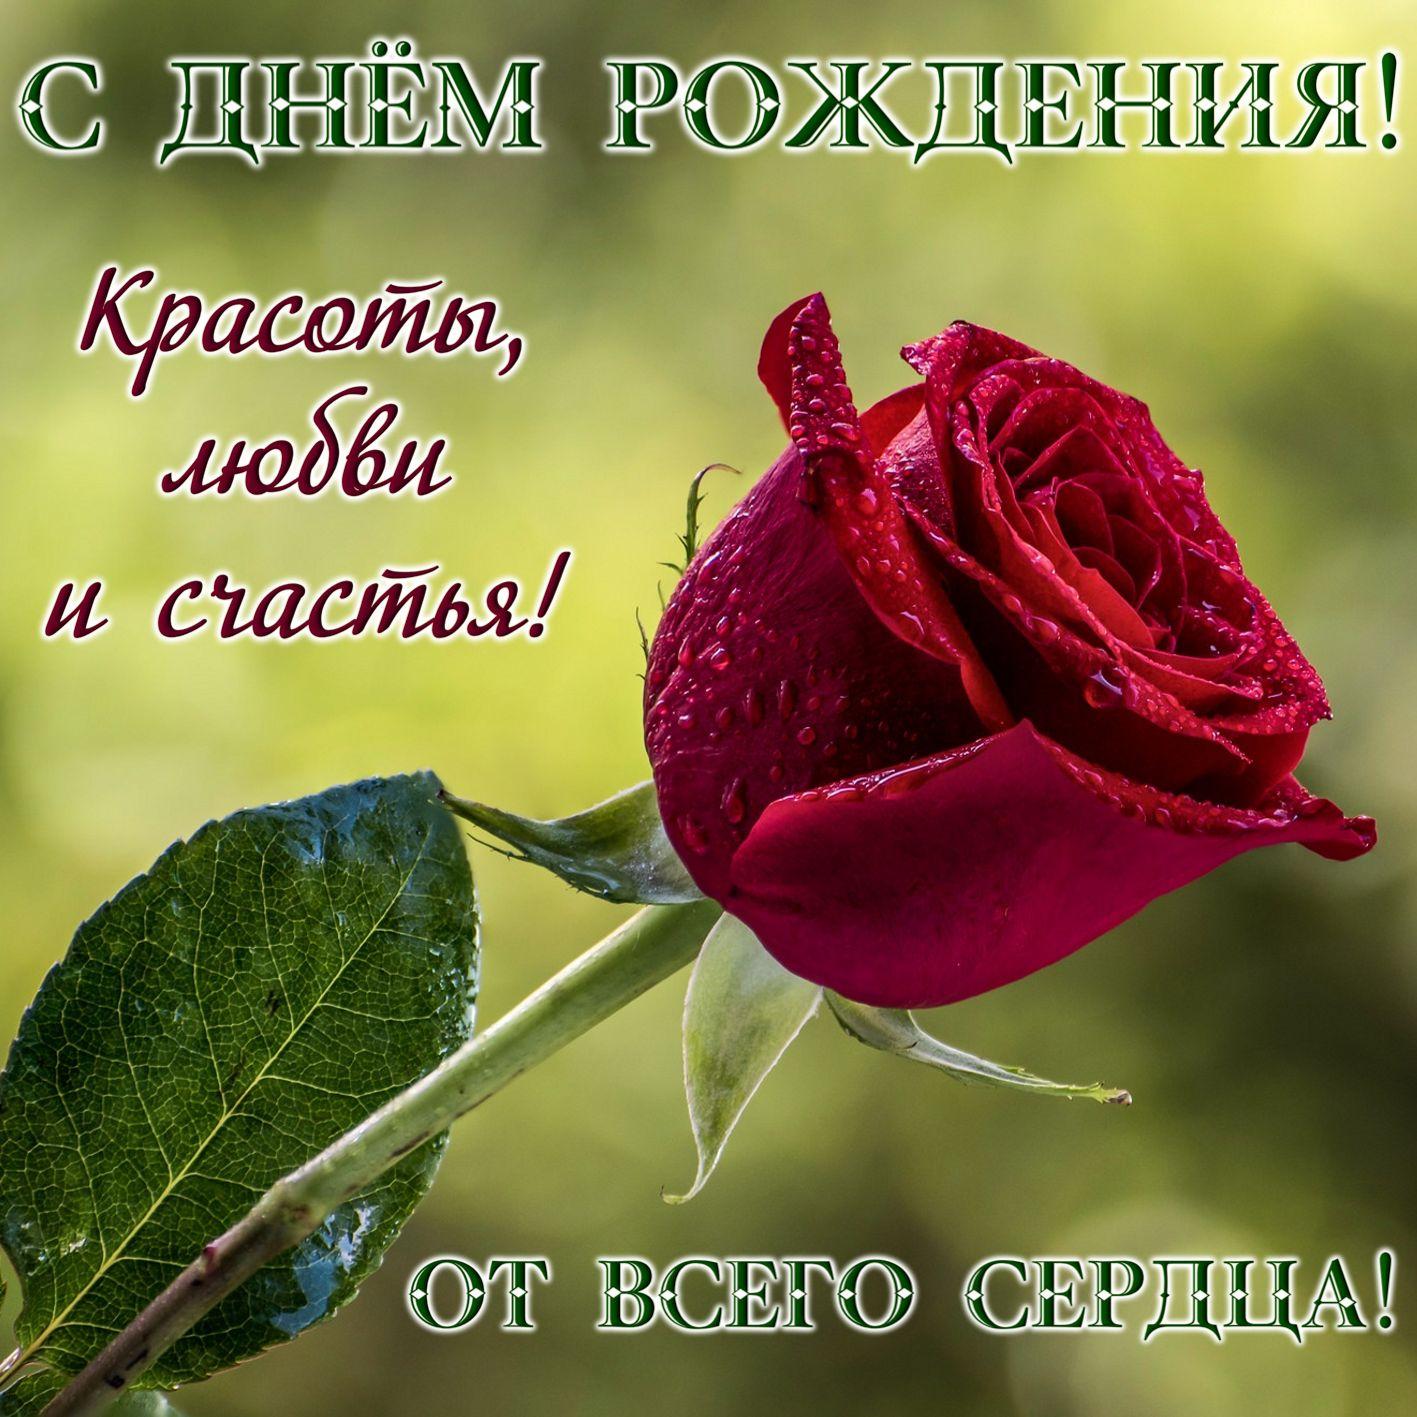 Женщине. Большая красная роза в капельках росы. С Днём рождения! Красоты, любви и счастья! От всего сердца!